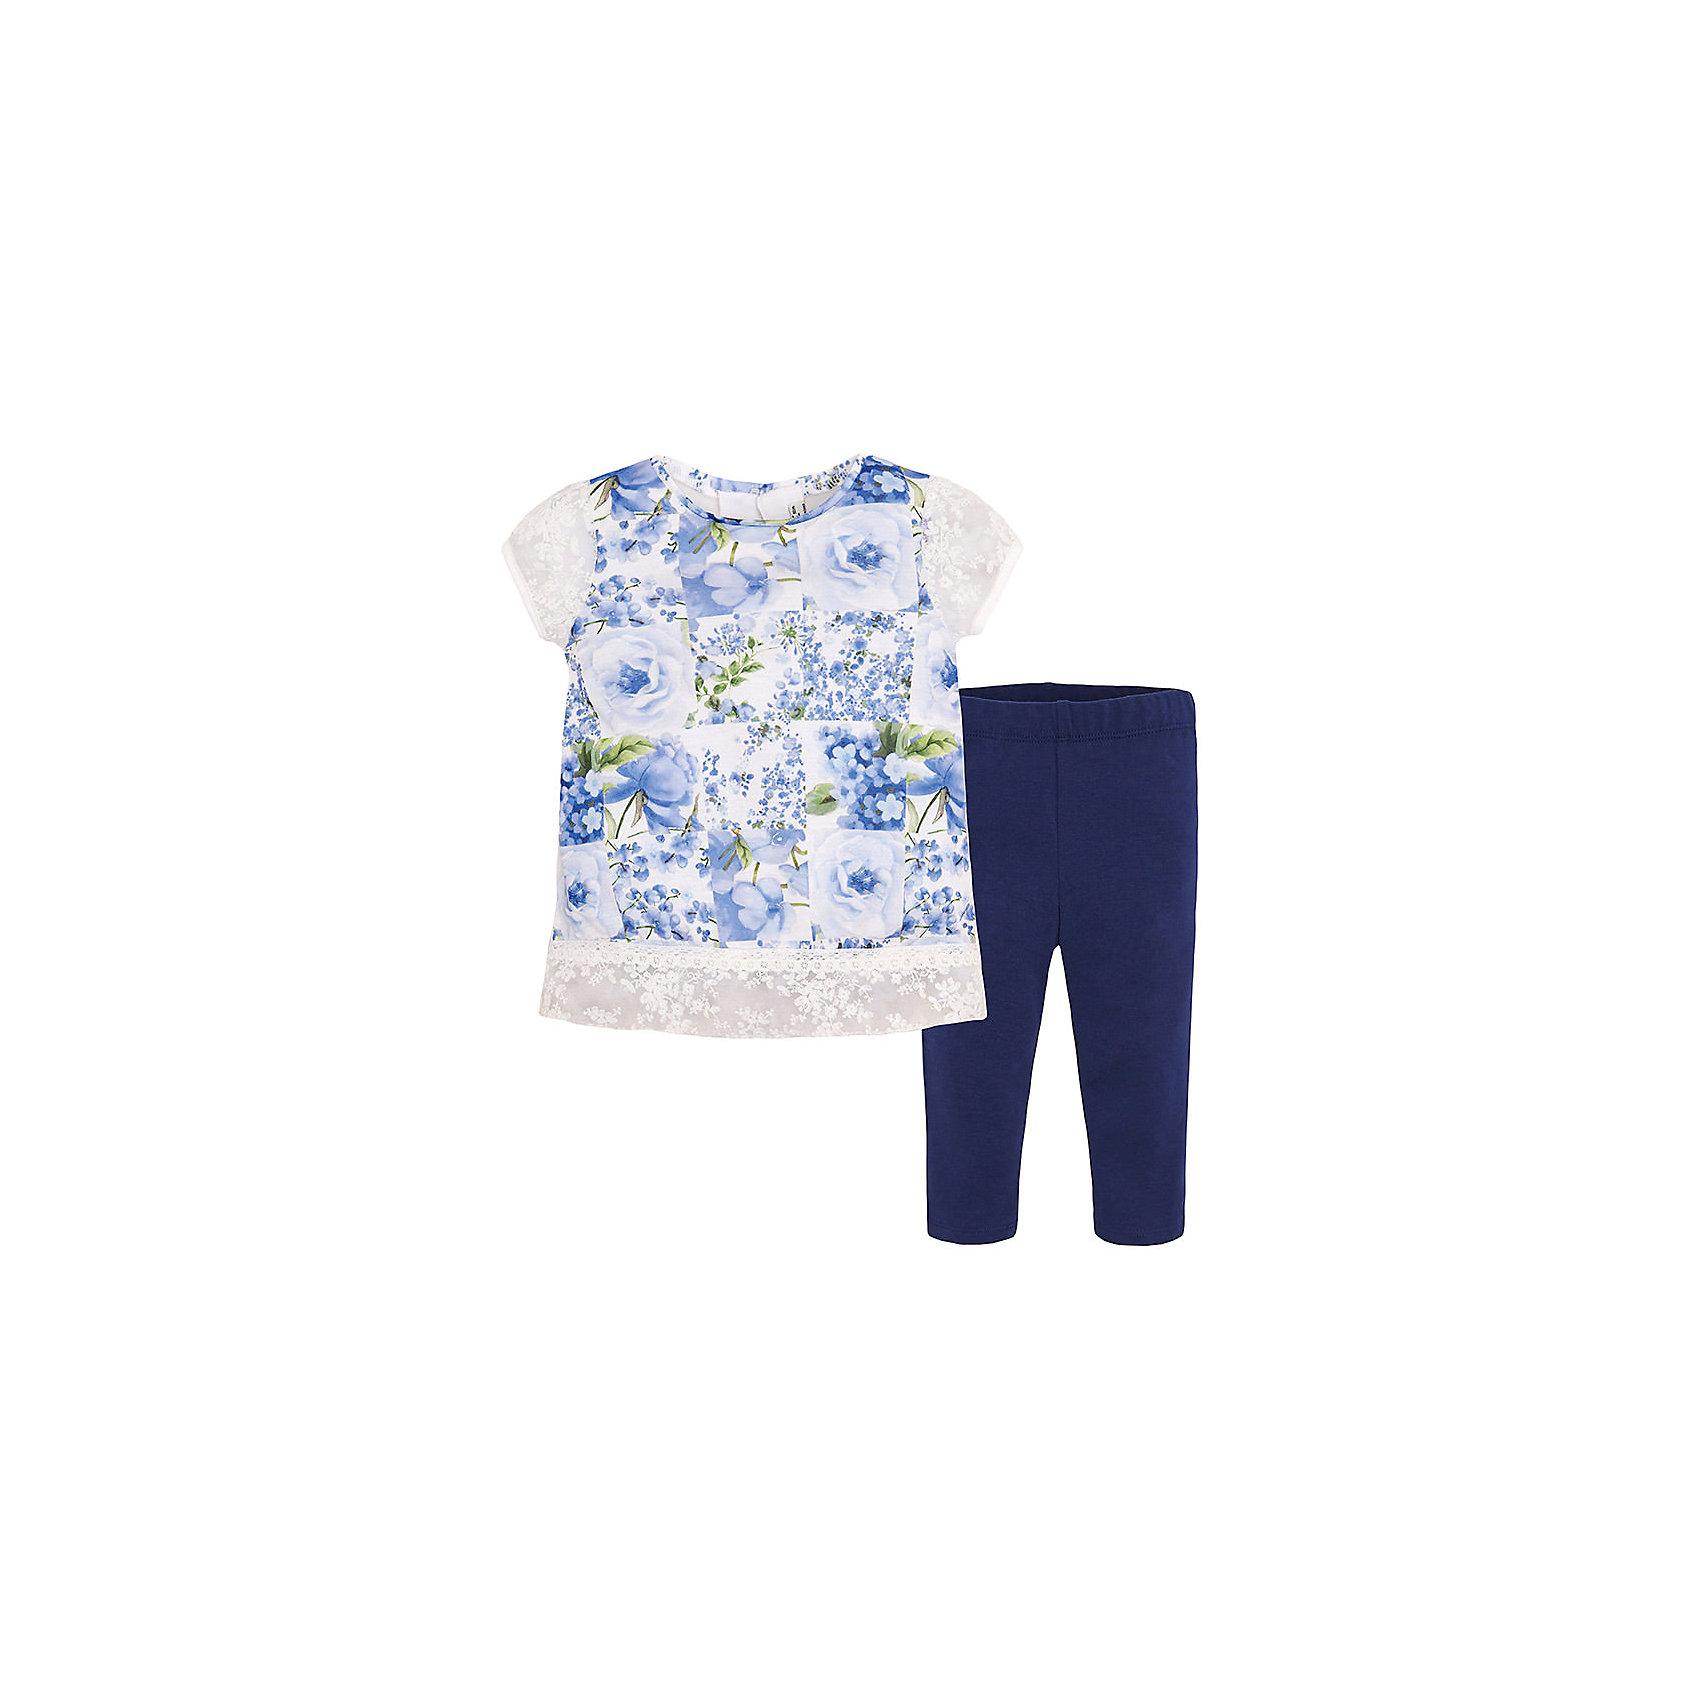 Комплект для девочки: леггинсы и футболка MayoralКомплект: леггинсы и футболка  для девочки от известной испанской марки Mayoral <br><br>Очень красивый комплект от Mayoral - отличный вариант летней одежды для девочек! Выглядит нарядно и оригинально. Модель выполнена из качественных материалов, отлично сидит по фигуре.<br><br>Особенности модели:<br><br>- цвет: белый, синий;<br>- леггинсы -  однотонные, пояс на резинке;<br>- футболка украшена принтом и кружевами.<br><br>Дополнительная информация:<br><br>Состав: 100% полиэстер<br><br>Комплект: леггинсы и футболка для девочки Mayoral (Майорал) можно купить в нашем магазине.<br><br>Ширина мм: 123<br>Глубина мм: 10<br>Высота мм: 149<br>Вес г: 209<br>Цвет: синий<br>Возраст от месяцев: 24<br>Возраст до месяцев: 36<br>Пол: Женский<br>Возраст: Детский<br>Размер: 104,110,116,122,128,98,134<br>SKU: 4542844